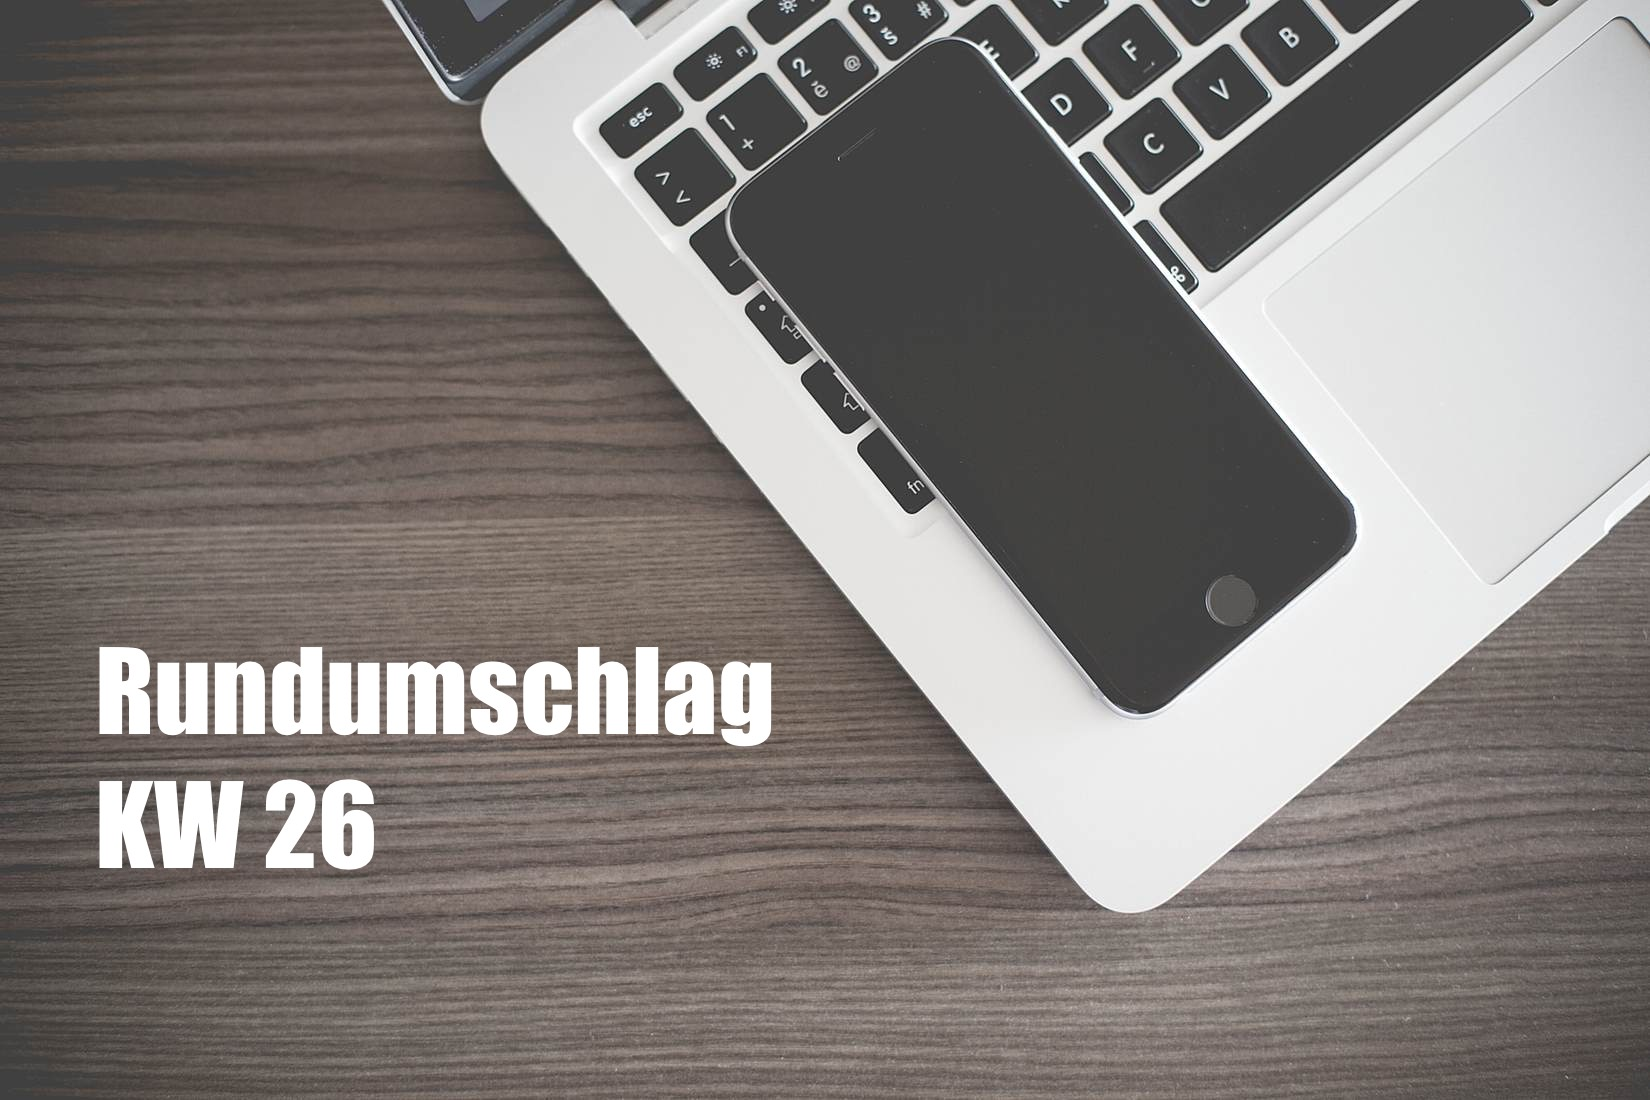 Rundumschlag KW 26 (2016)